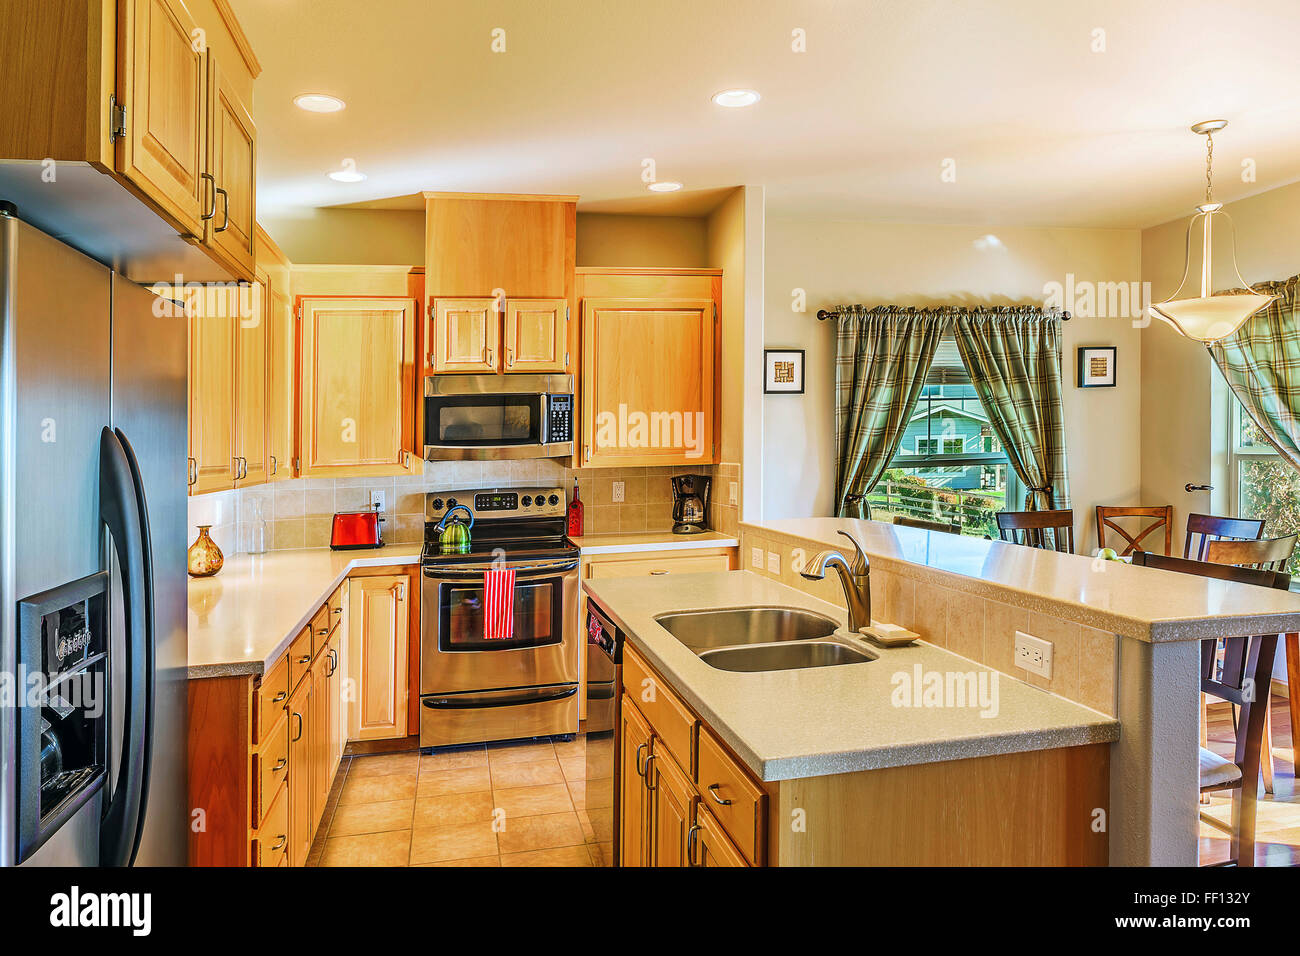 Arbeitsplatten und Schränken in modernen Küche Stockbild